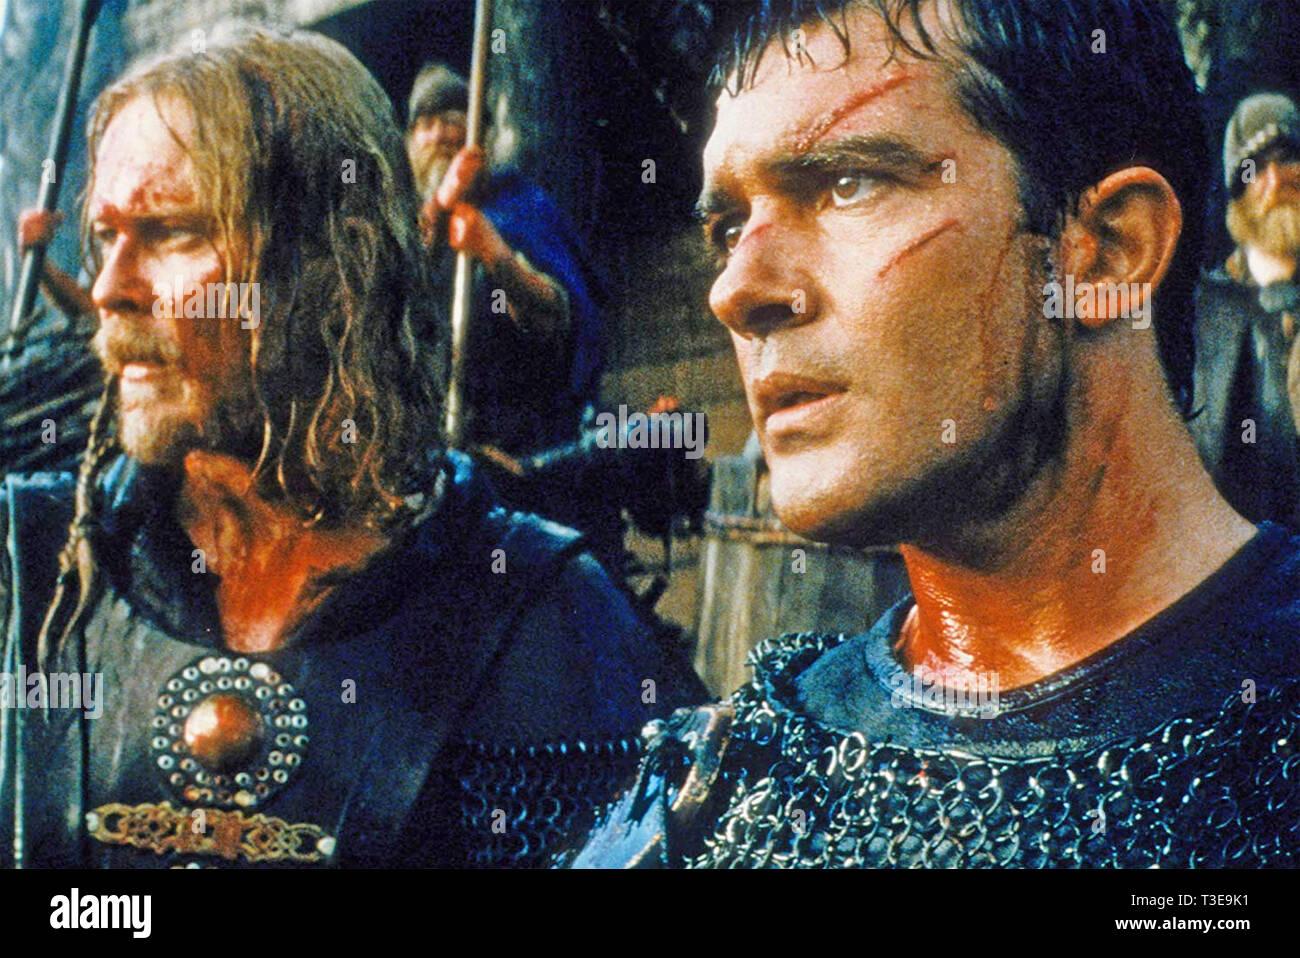 Il 13TH WARRIOR 1999 Touchstone Pictures film con Antonio Banderas a destra e Dennis Storhøi Foto Stock